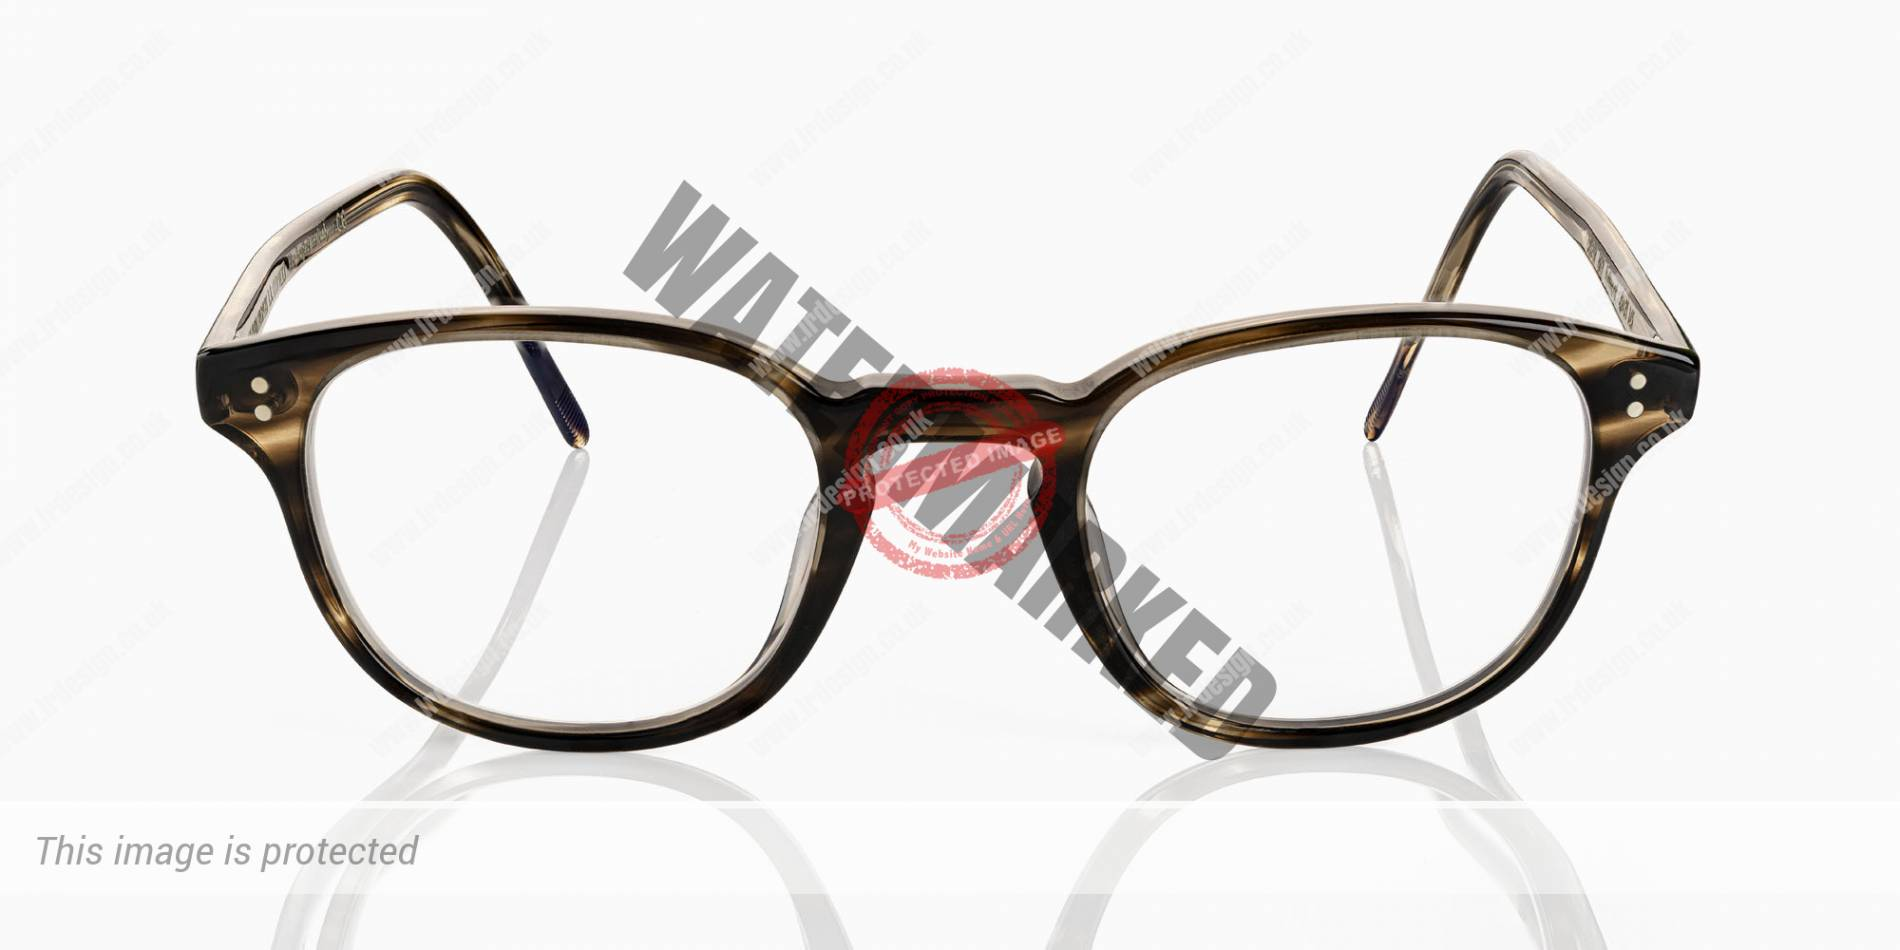 Oliver Peoples designer glasses.